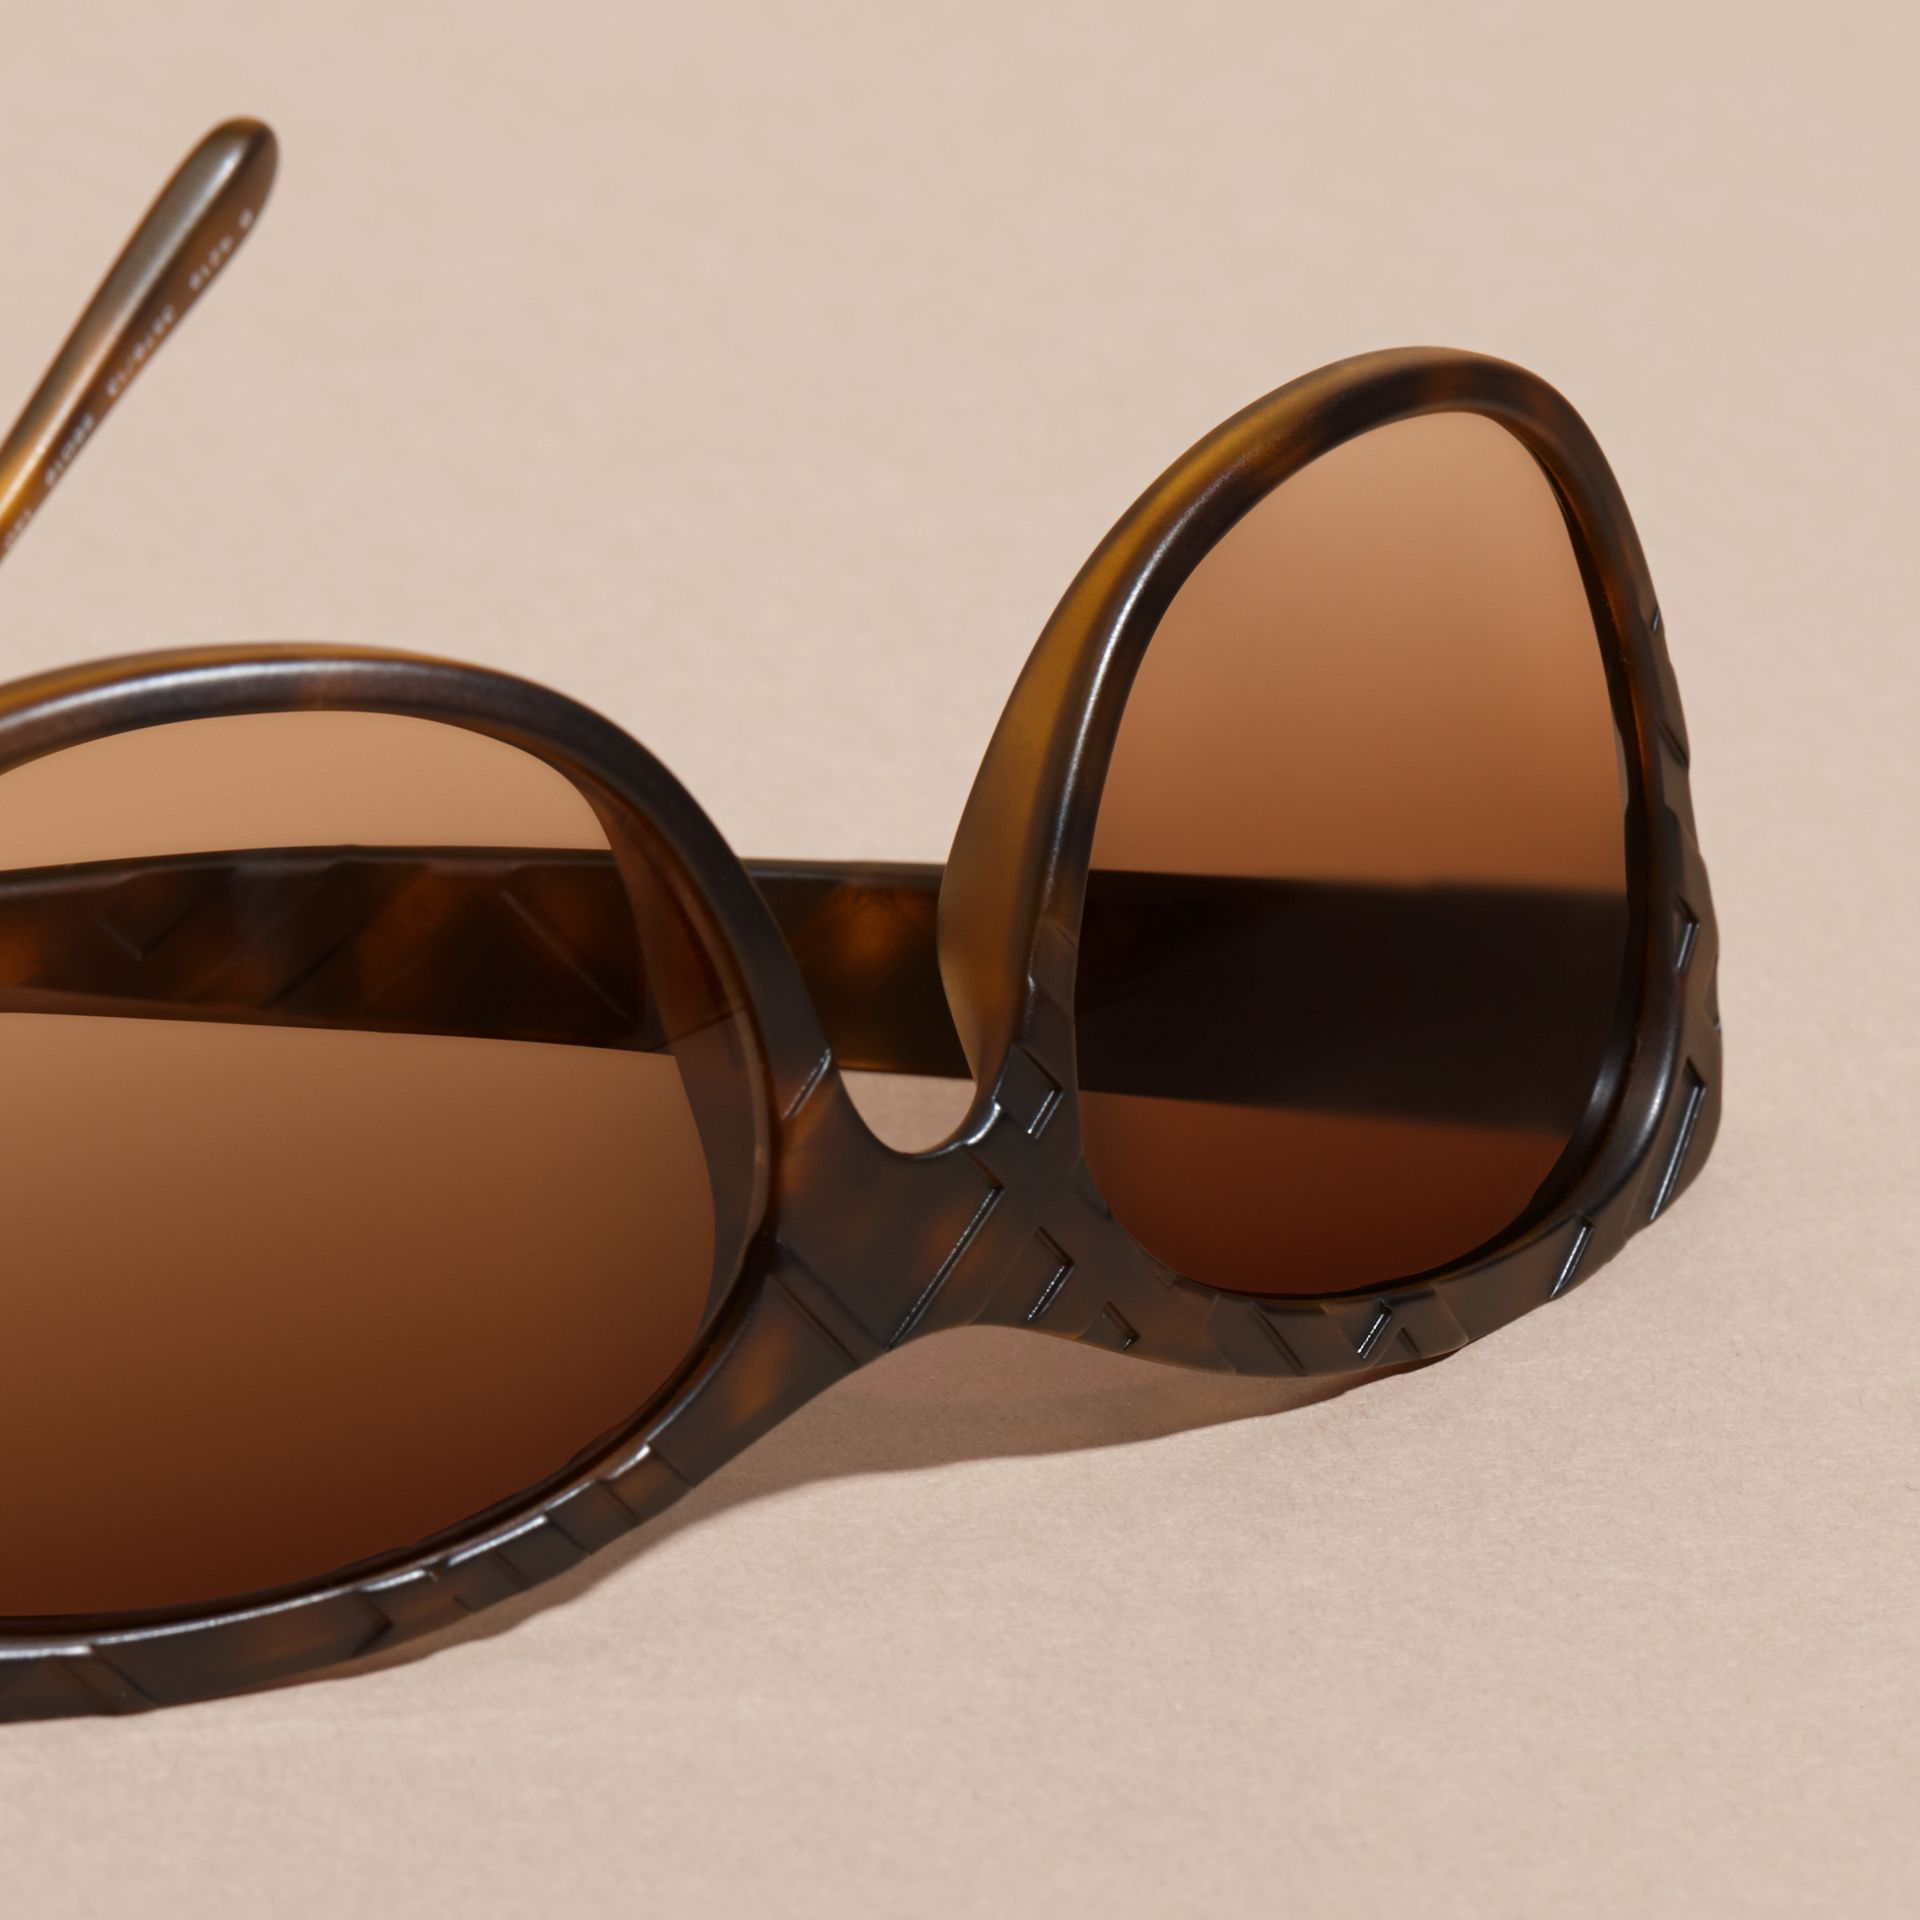 Tortoise shell 3D Check Square Frame Sunglasses Tortoise Shell - gallery image 2